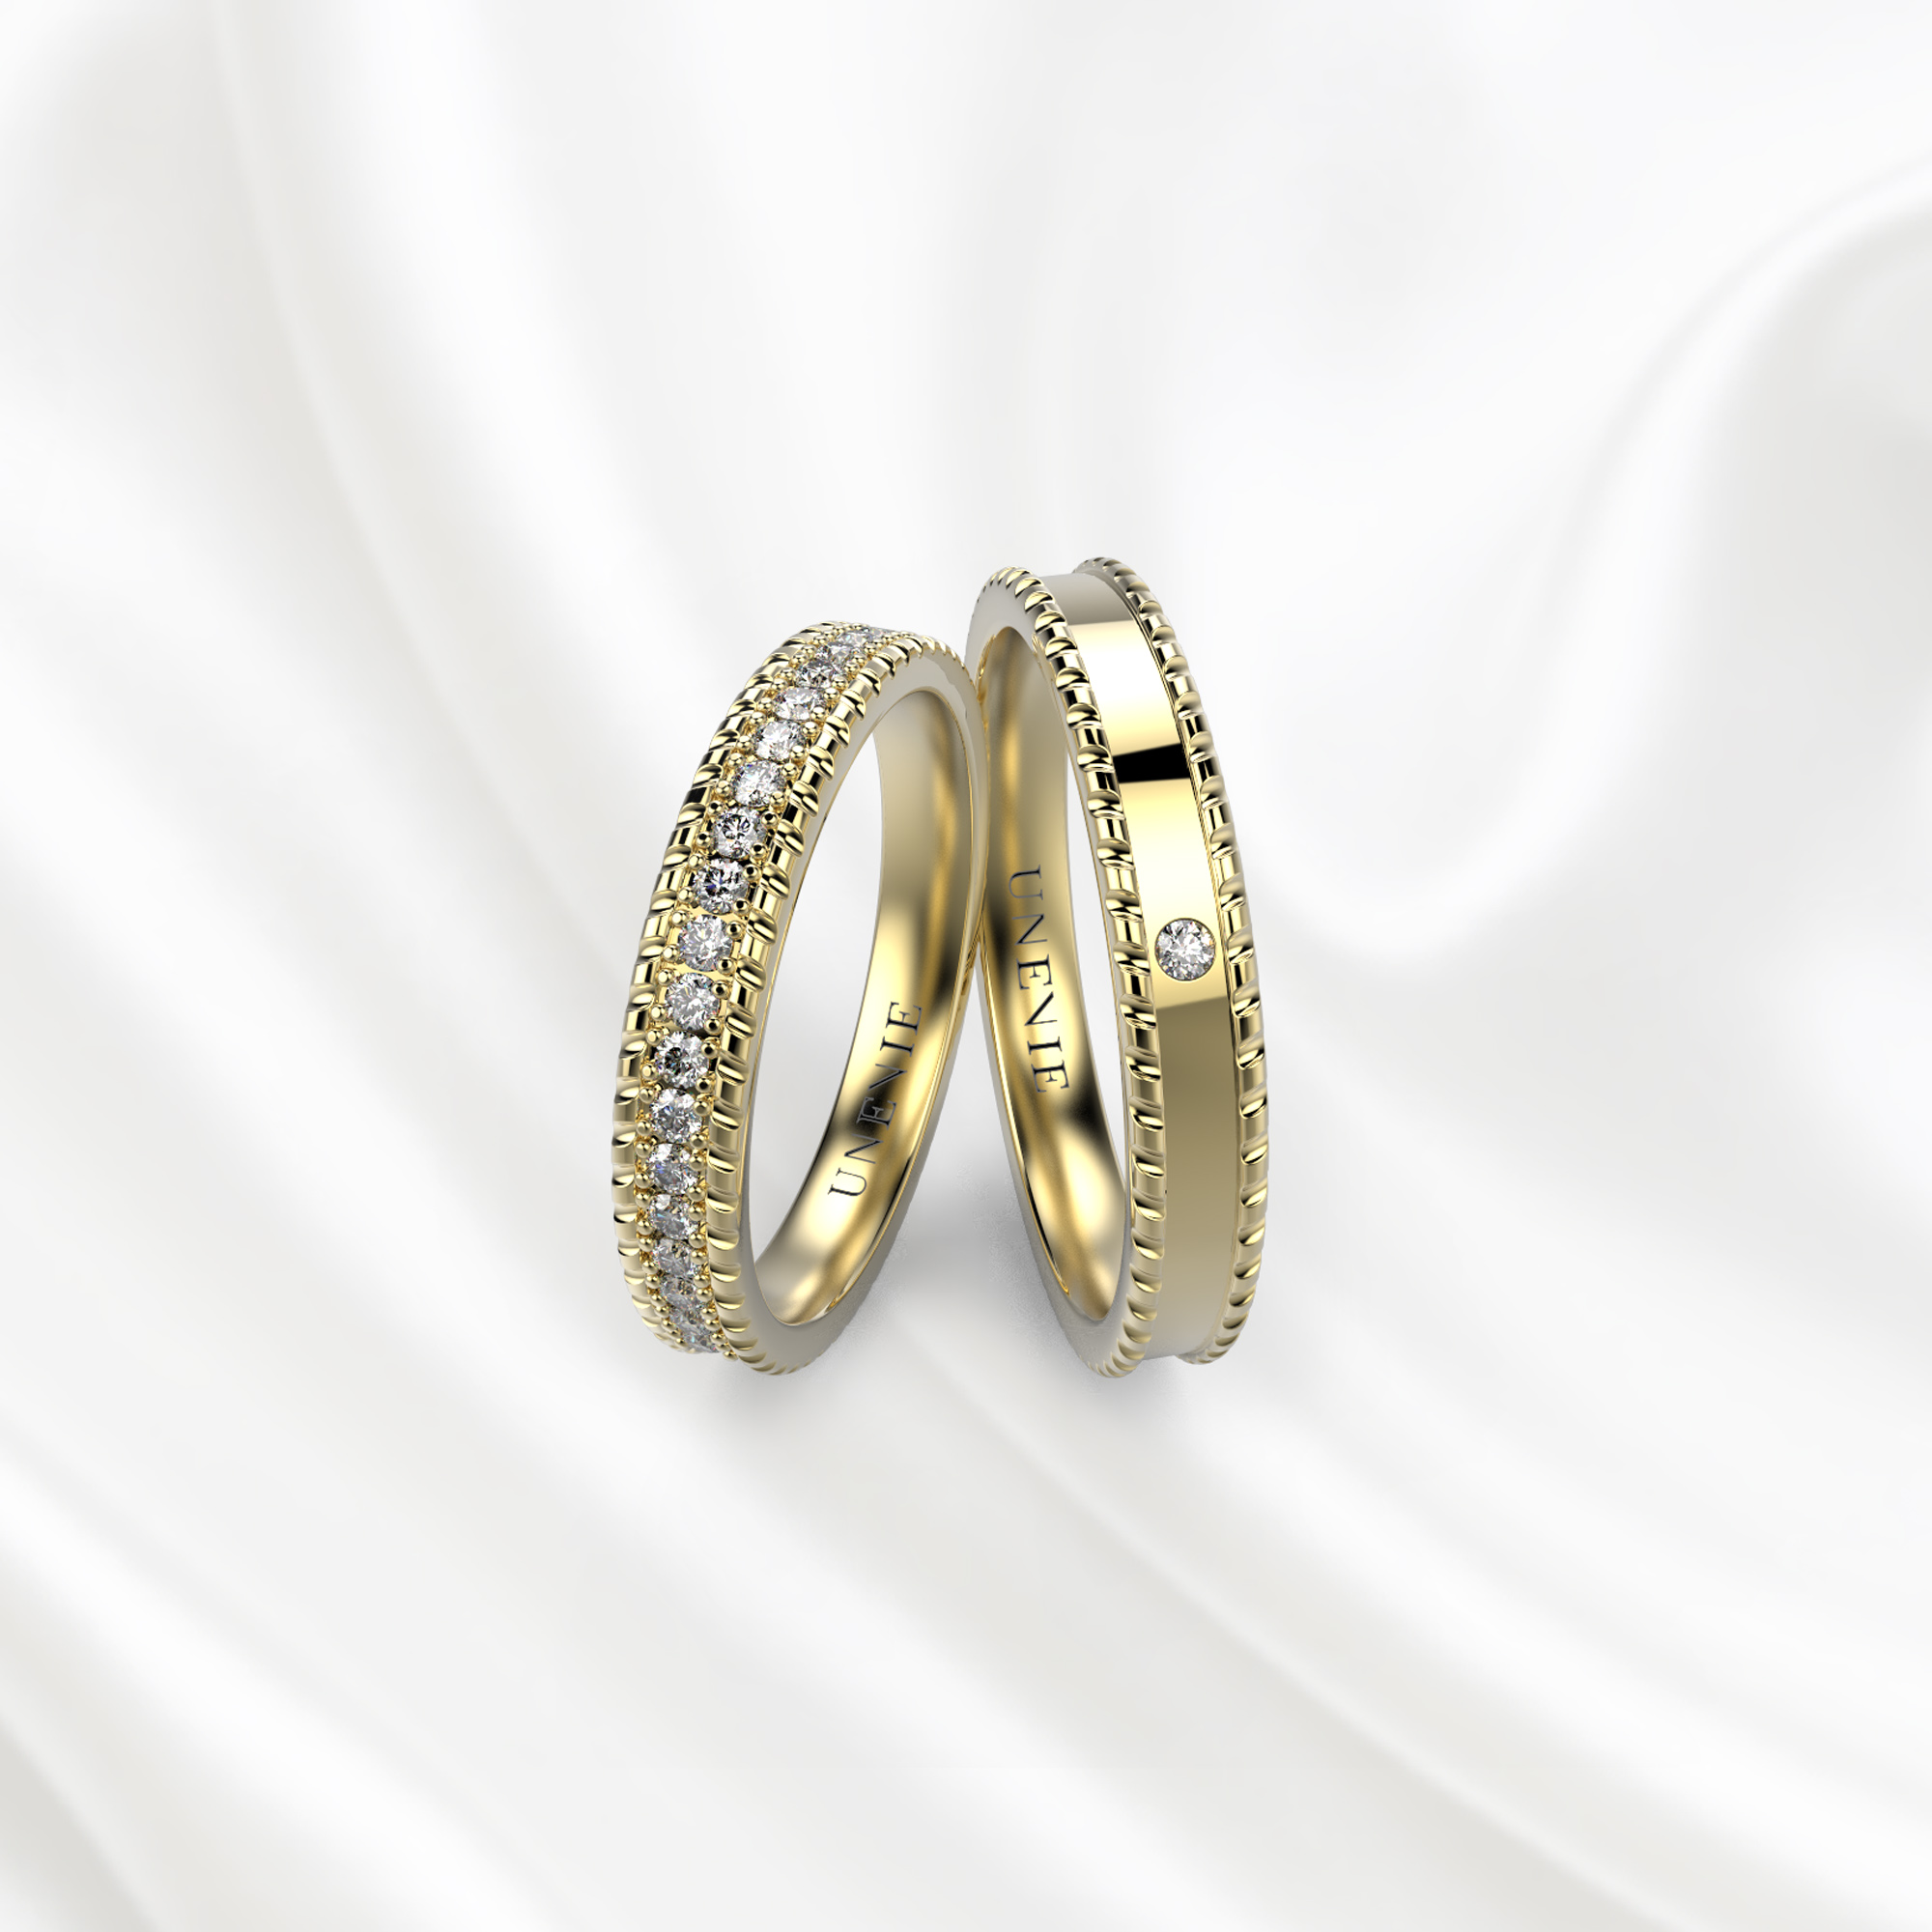 NV29 Обручальные кольца из желтого золота с бриллиантами